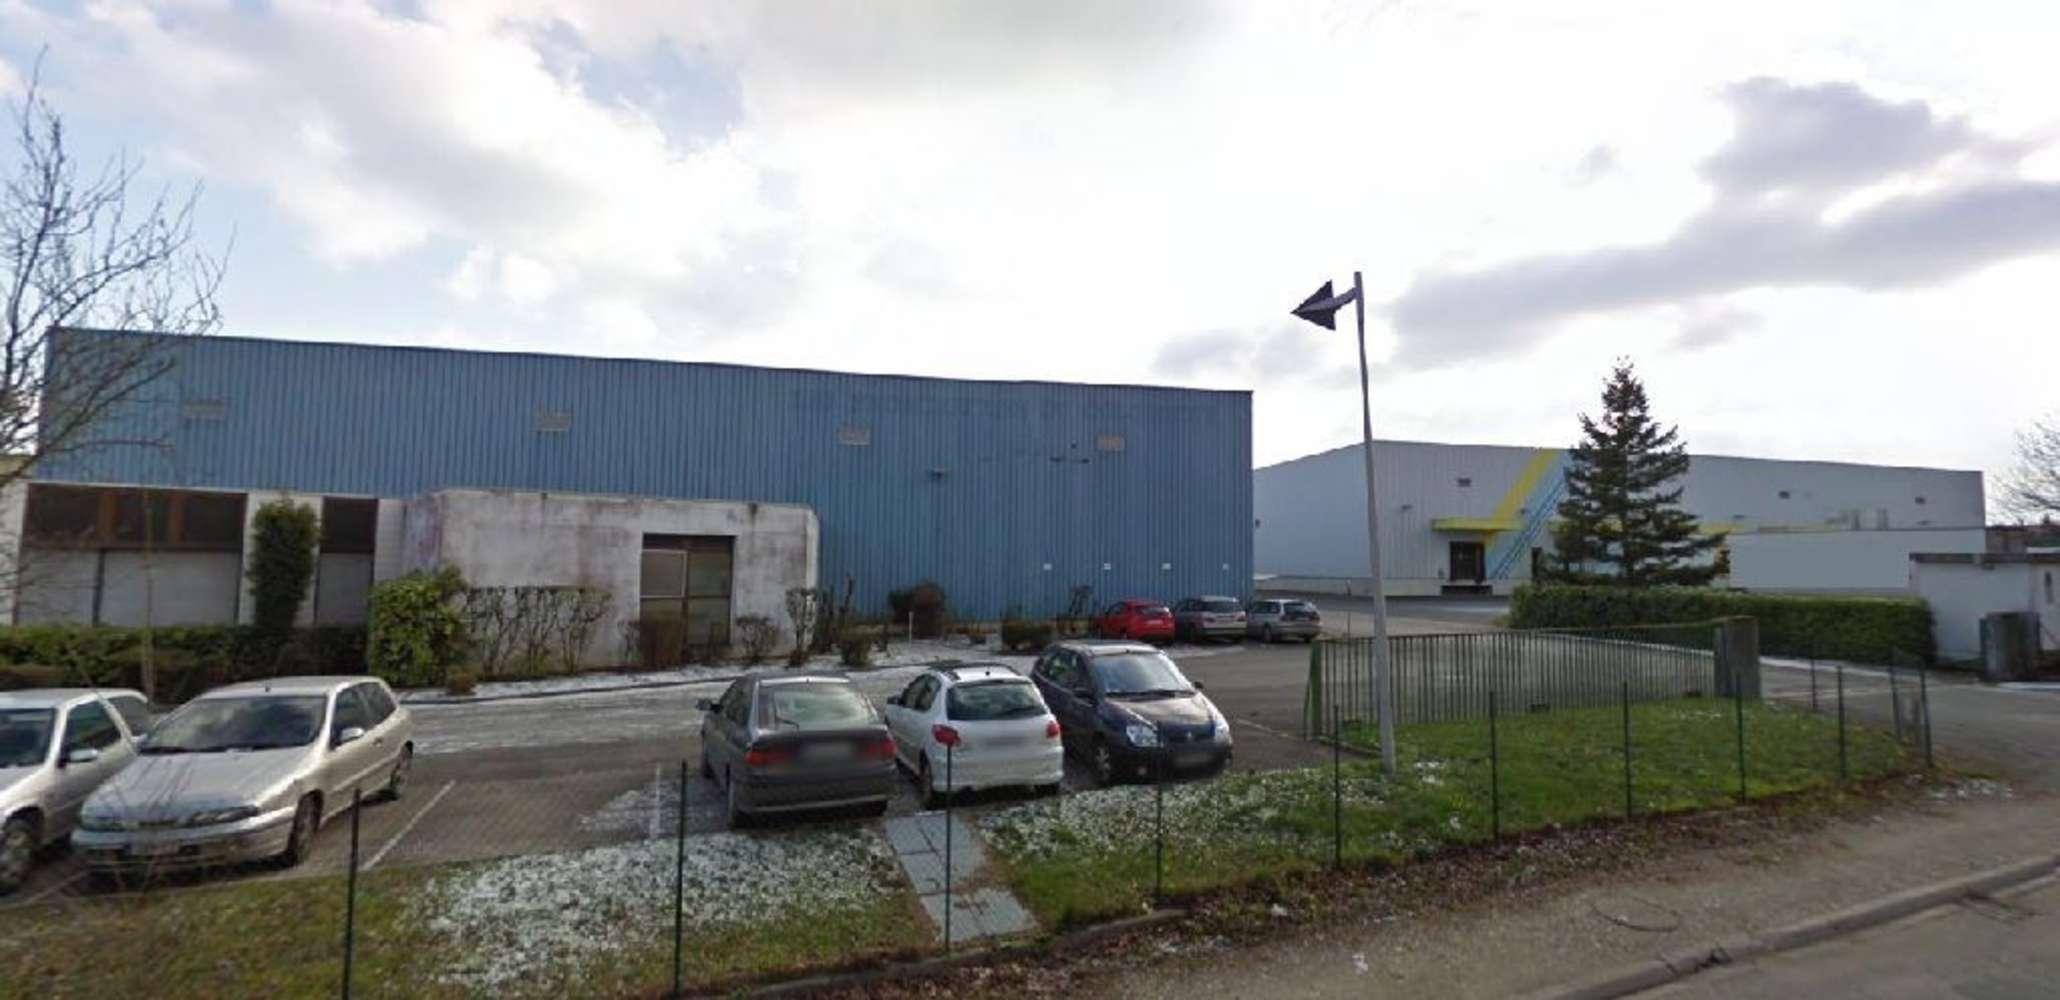 Activités/entrepôt Villars les dombes, 01330 - Location entrepot frigorifique Lyon Nord - 9470567